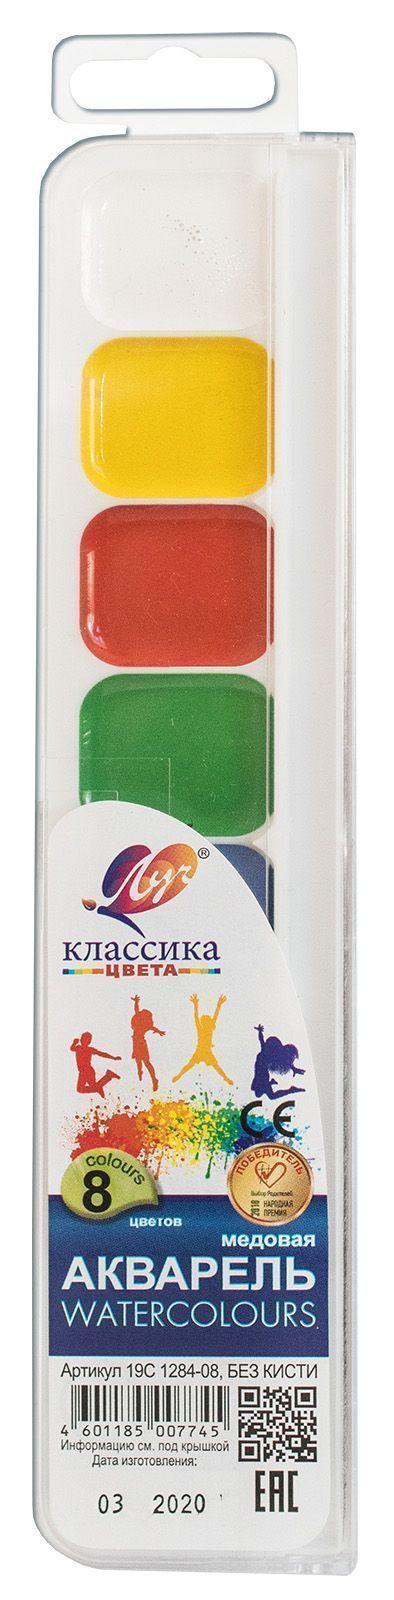 Акварель КЛАССИКА 8 цветов, пластиковая упаковка